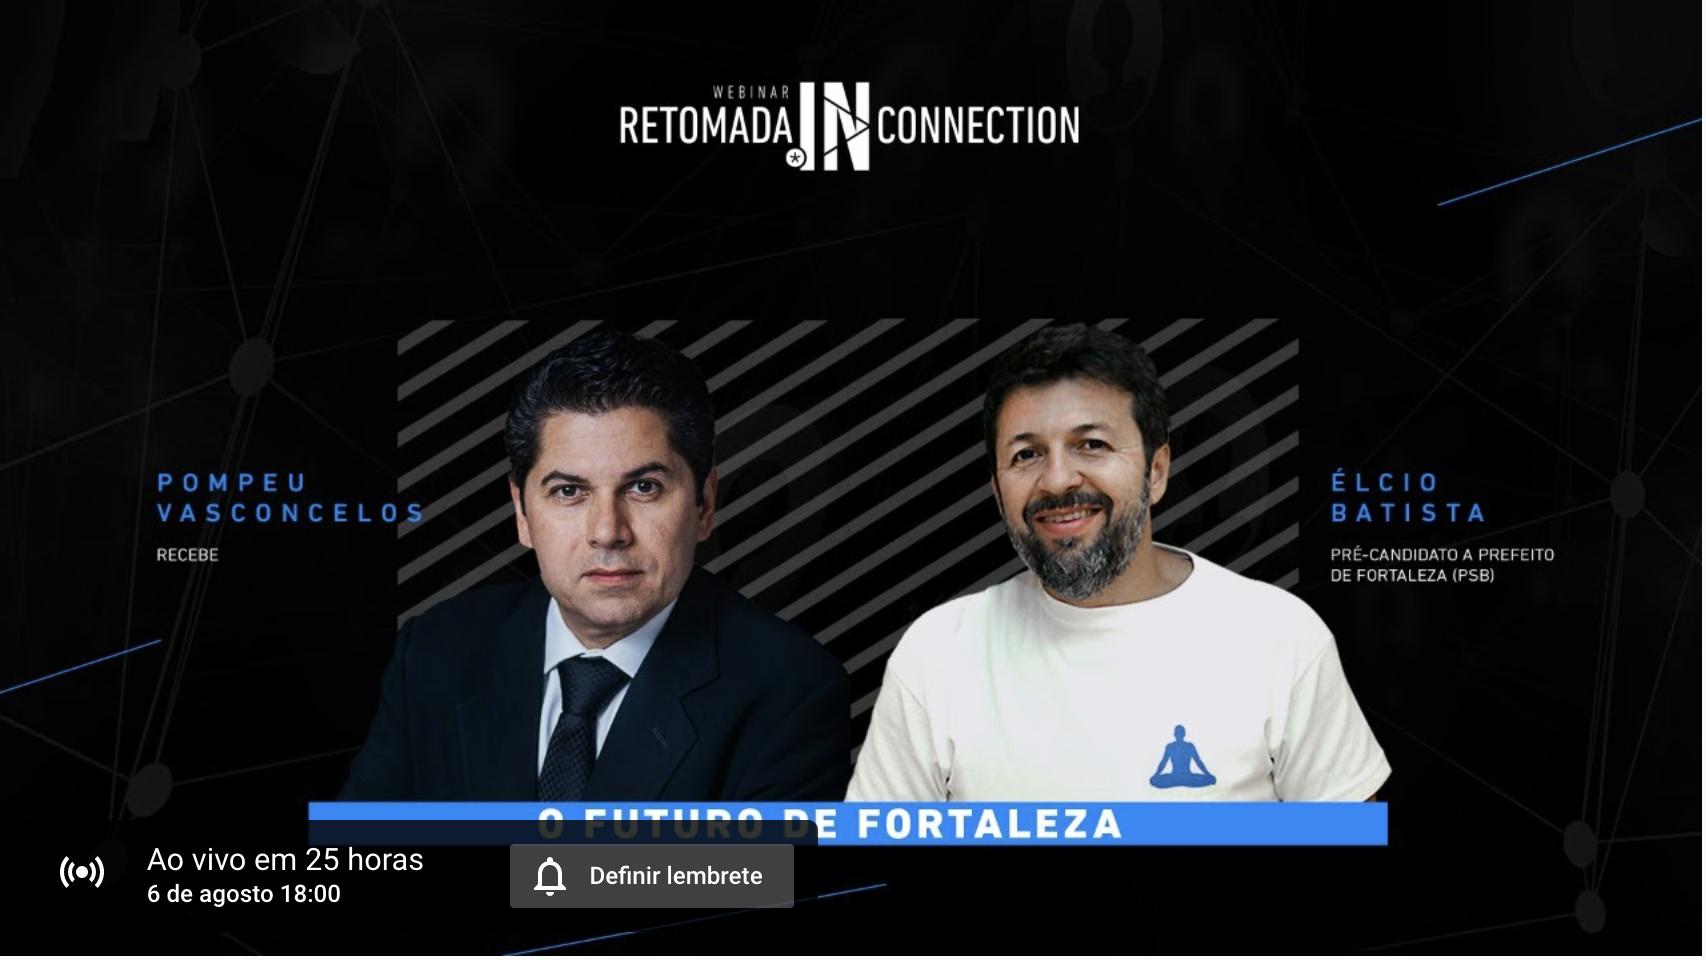 Pré-candidato a prefeito de Fortaleza pelo PSB, Élcio Batista participa de Live nesta quinta-feira aqui no IN Connection